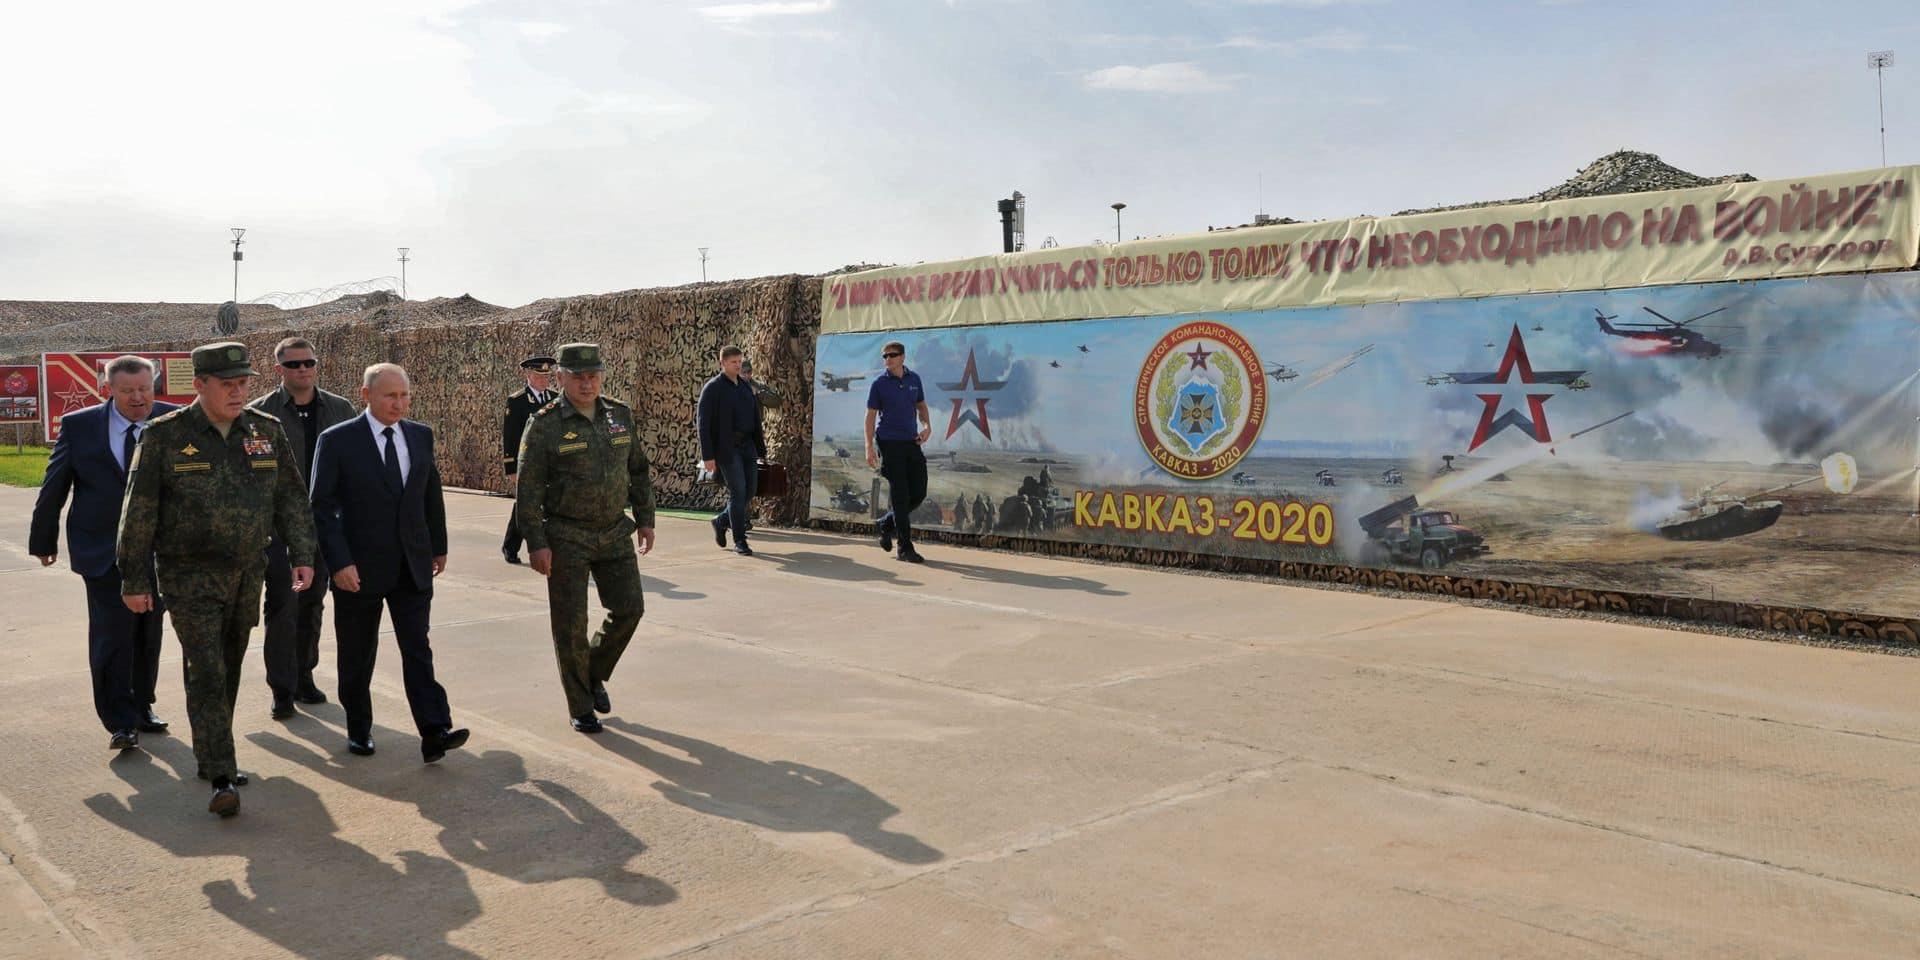 """Vladimir Poutine organise une démonstration de force : """"Les forces russes restent prêtes au combat malgré le Covid-19"""""""